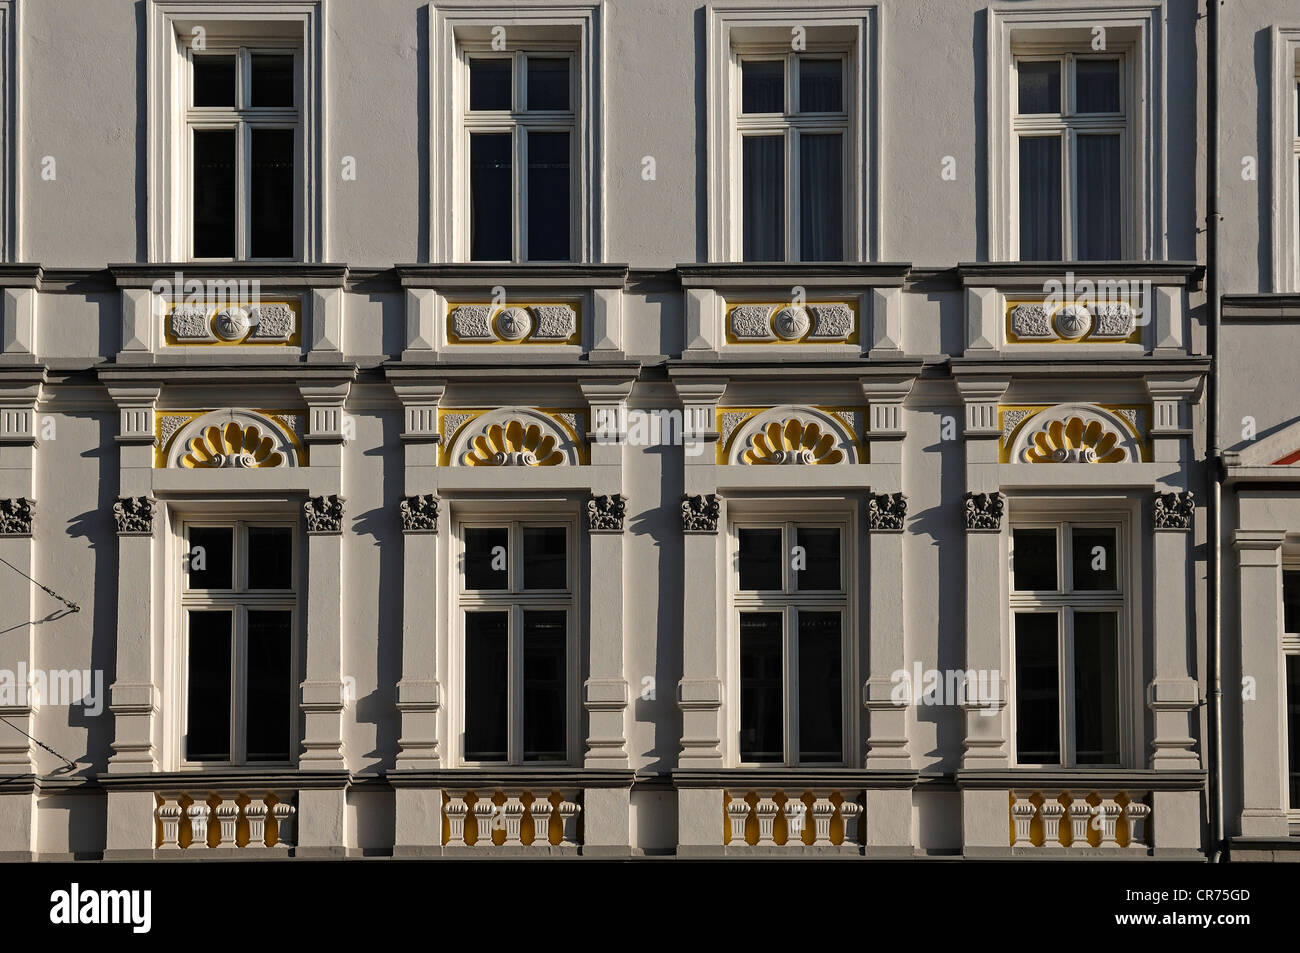 Maison de décoration de la façade du xixe siècle, Mecklenburgstrasse 14, Schwerin, Mecklembourg-Poméranie-Occidentale Banque D'Images